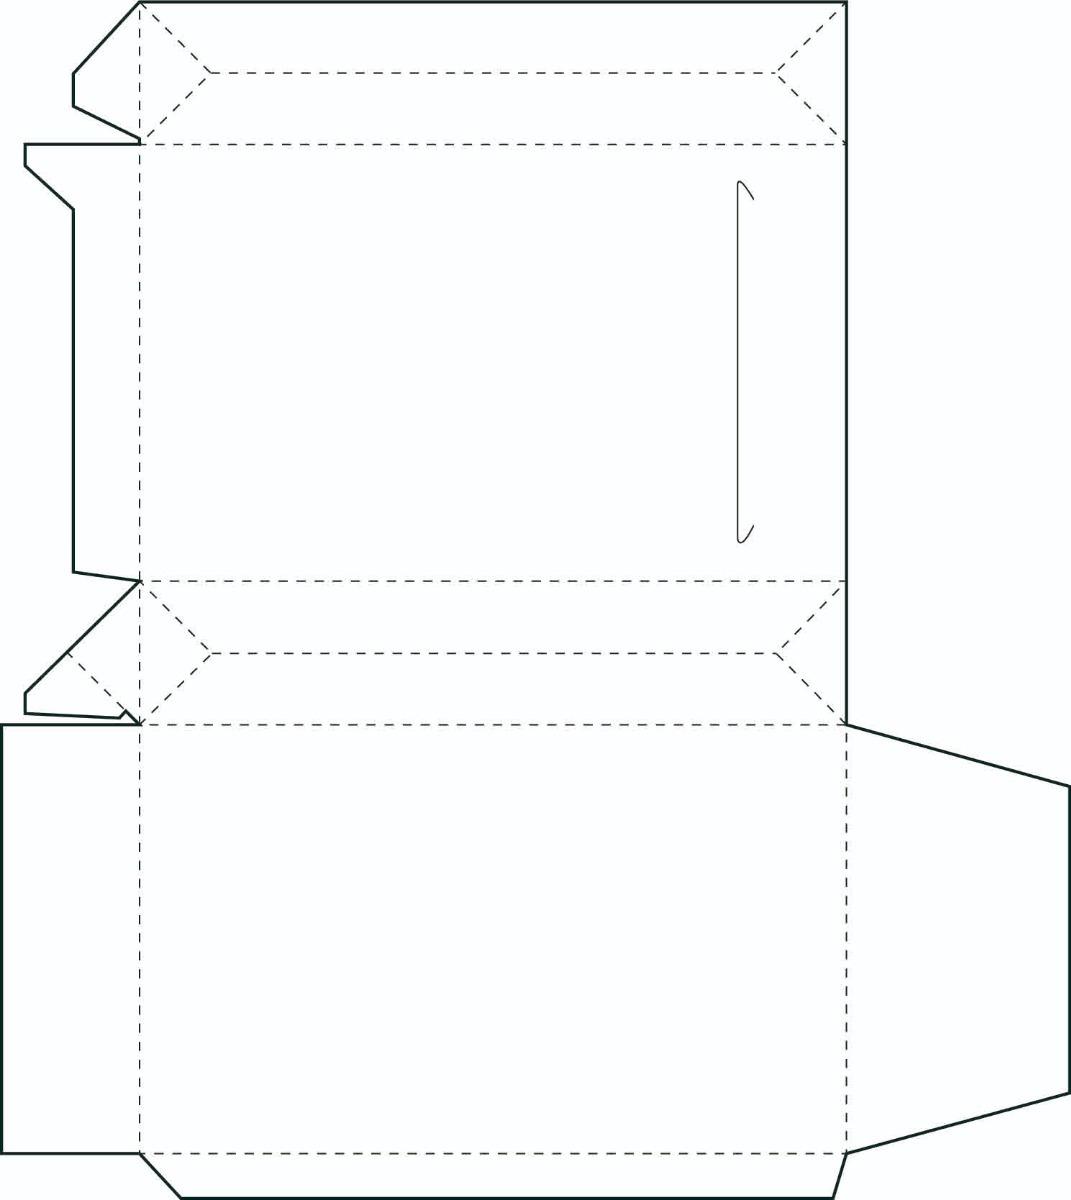 Moldes De Caixa Para Imprimir Envio Gratis 900 Moldes R 23